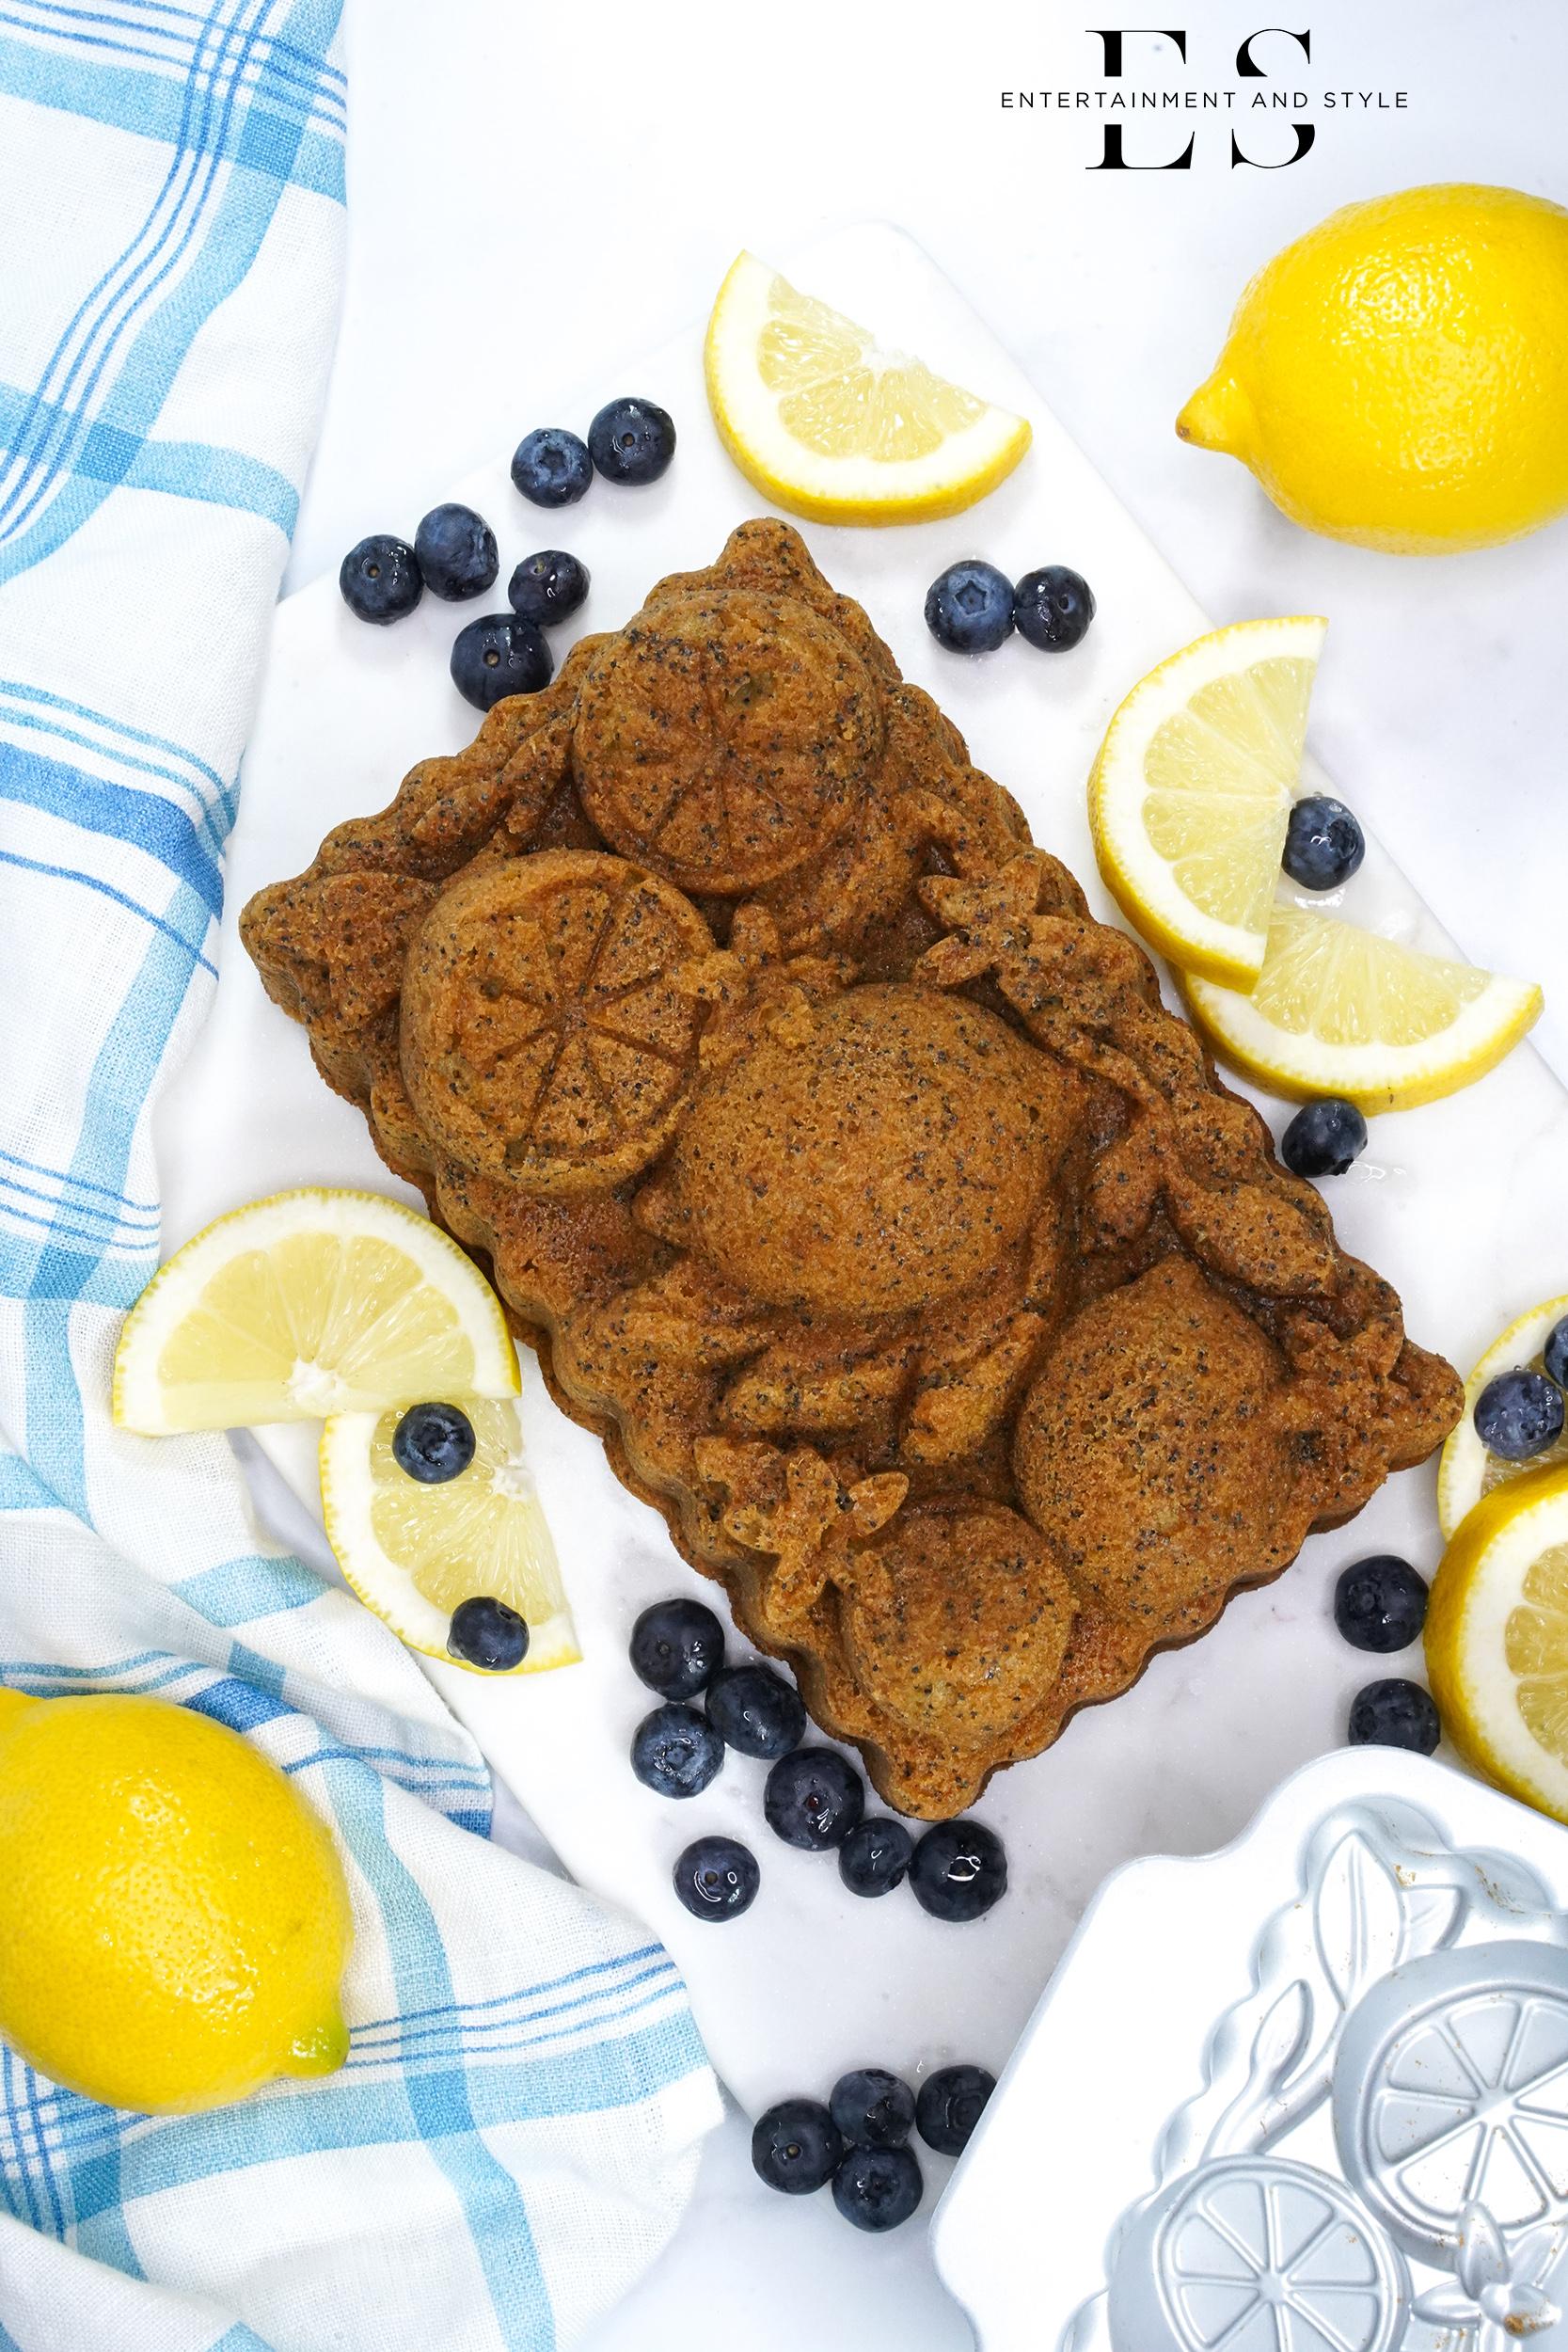 Lemon Poppyseed Bread made in lemon loaf